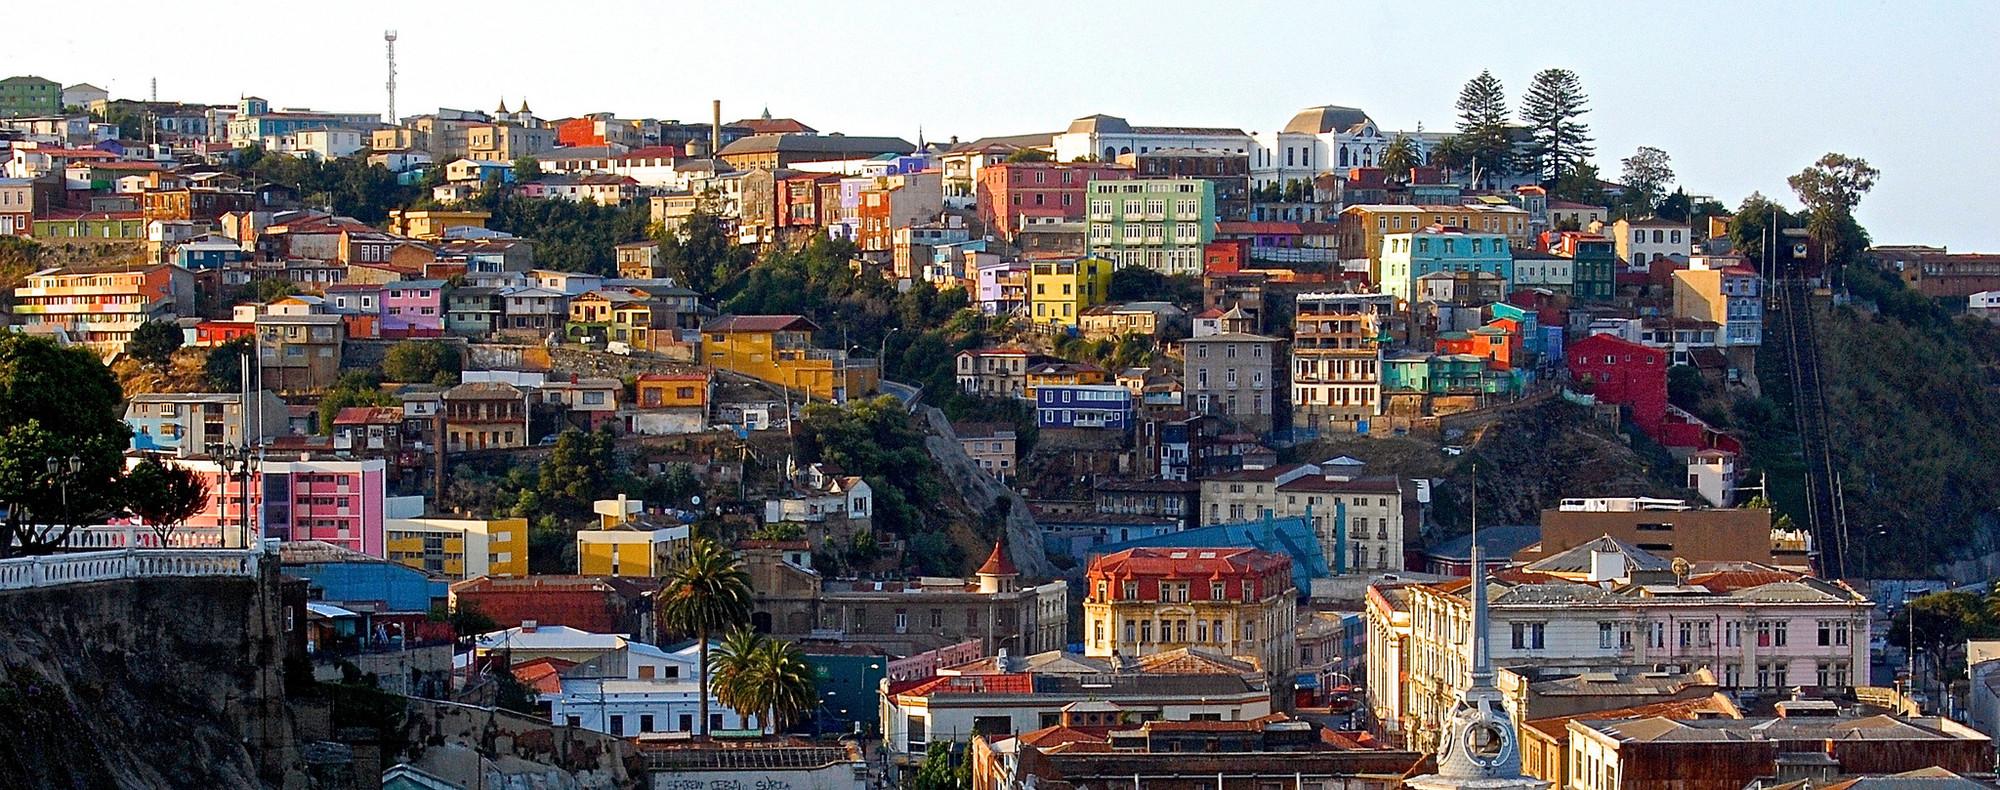 Valparaíso. Image © Domingo Mery